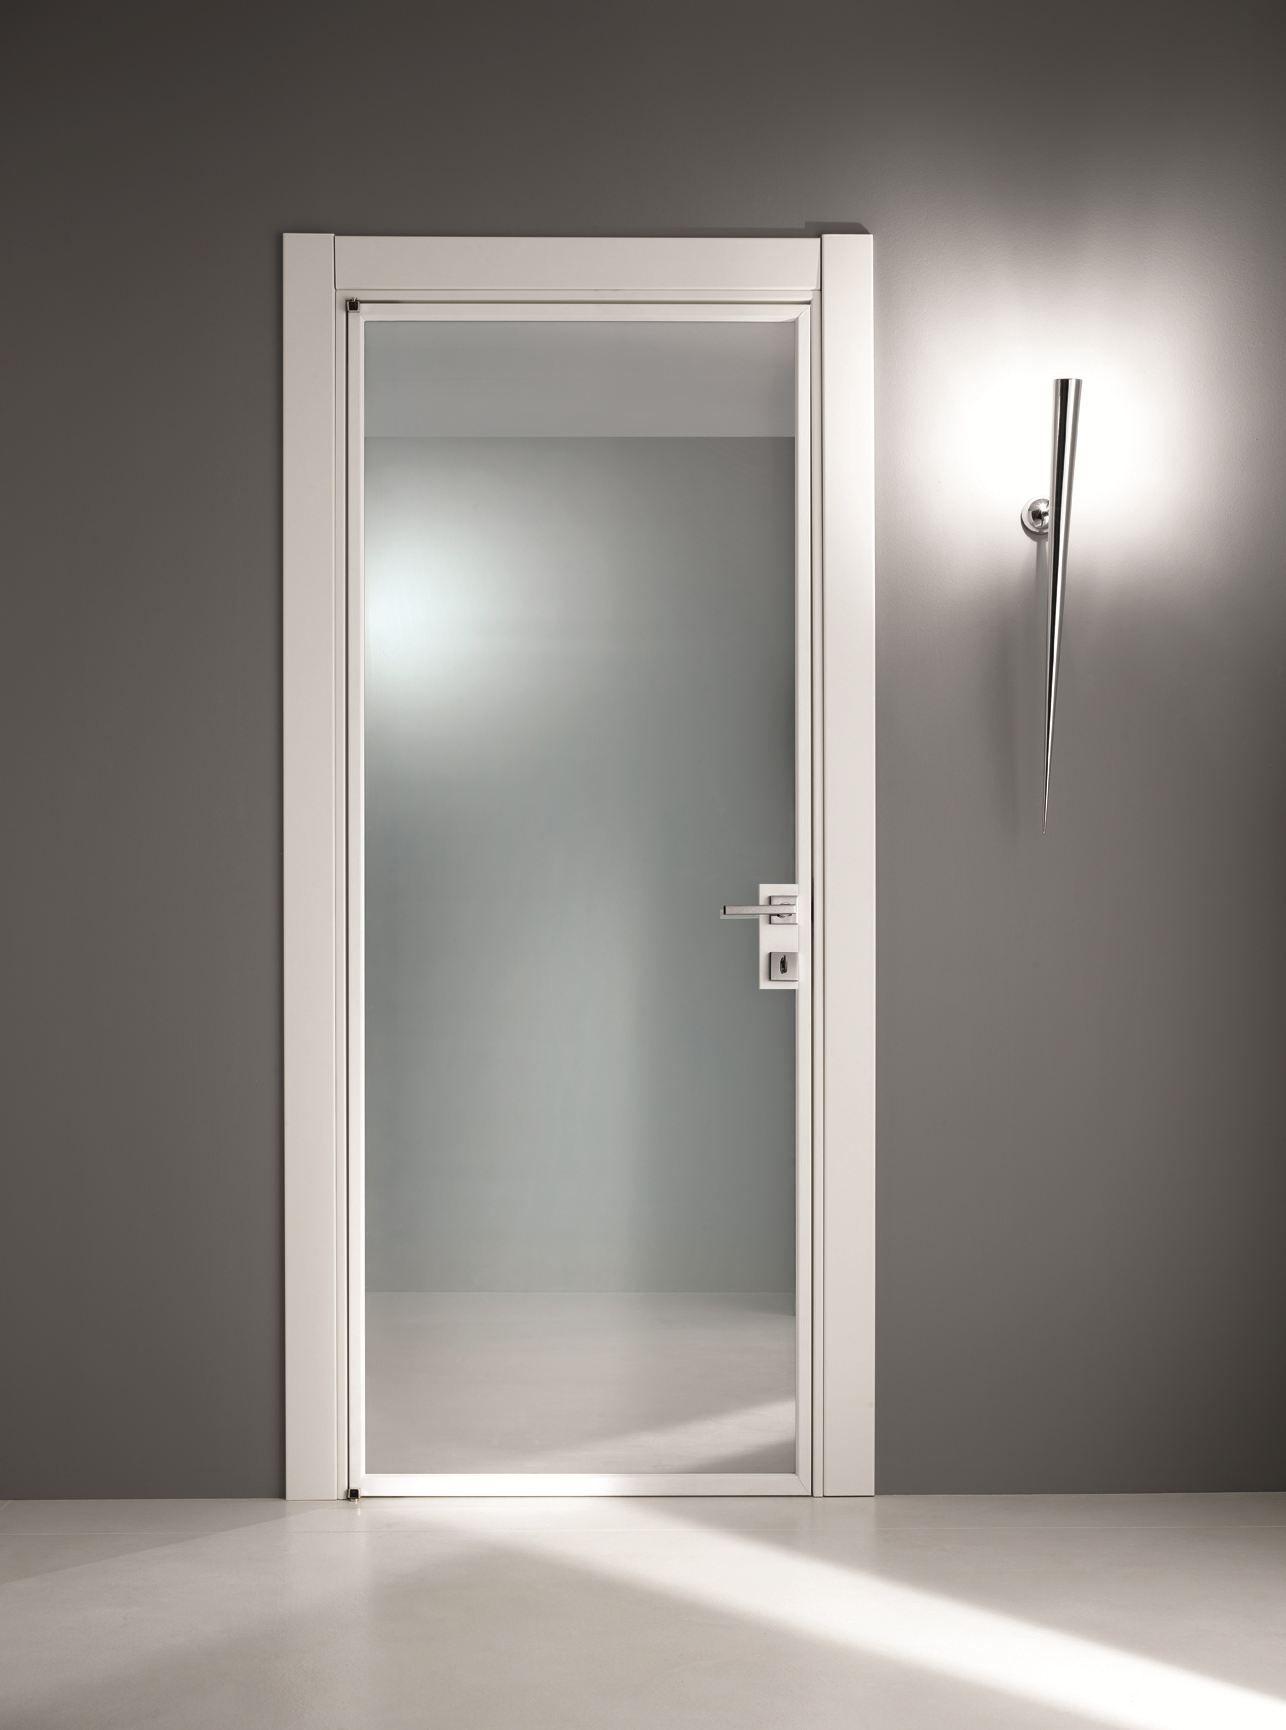 Stilia puerta de vidrio esmerilado by gidea for Puertas de paso de cristal